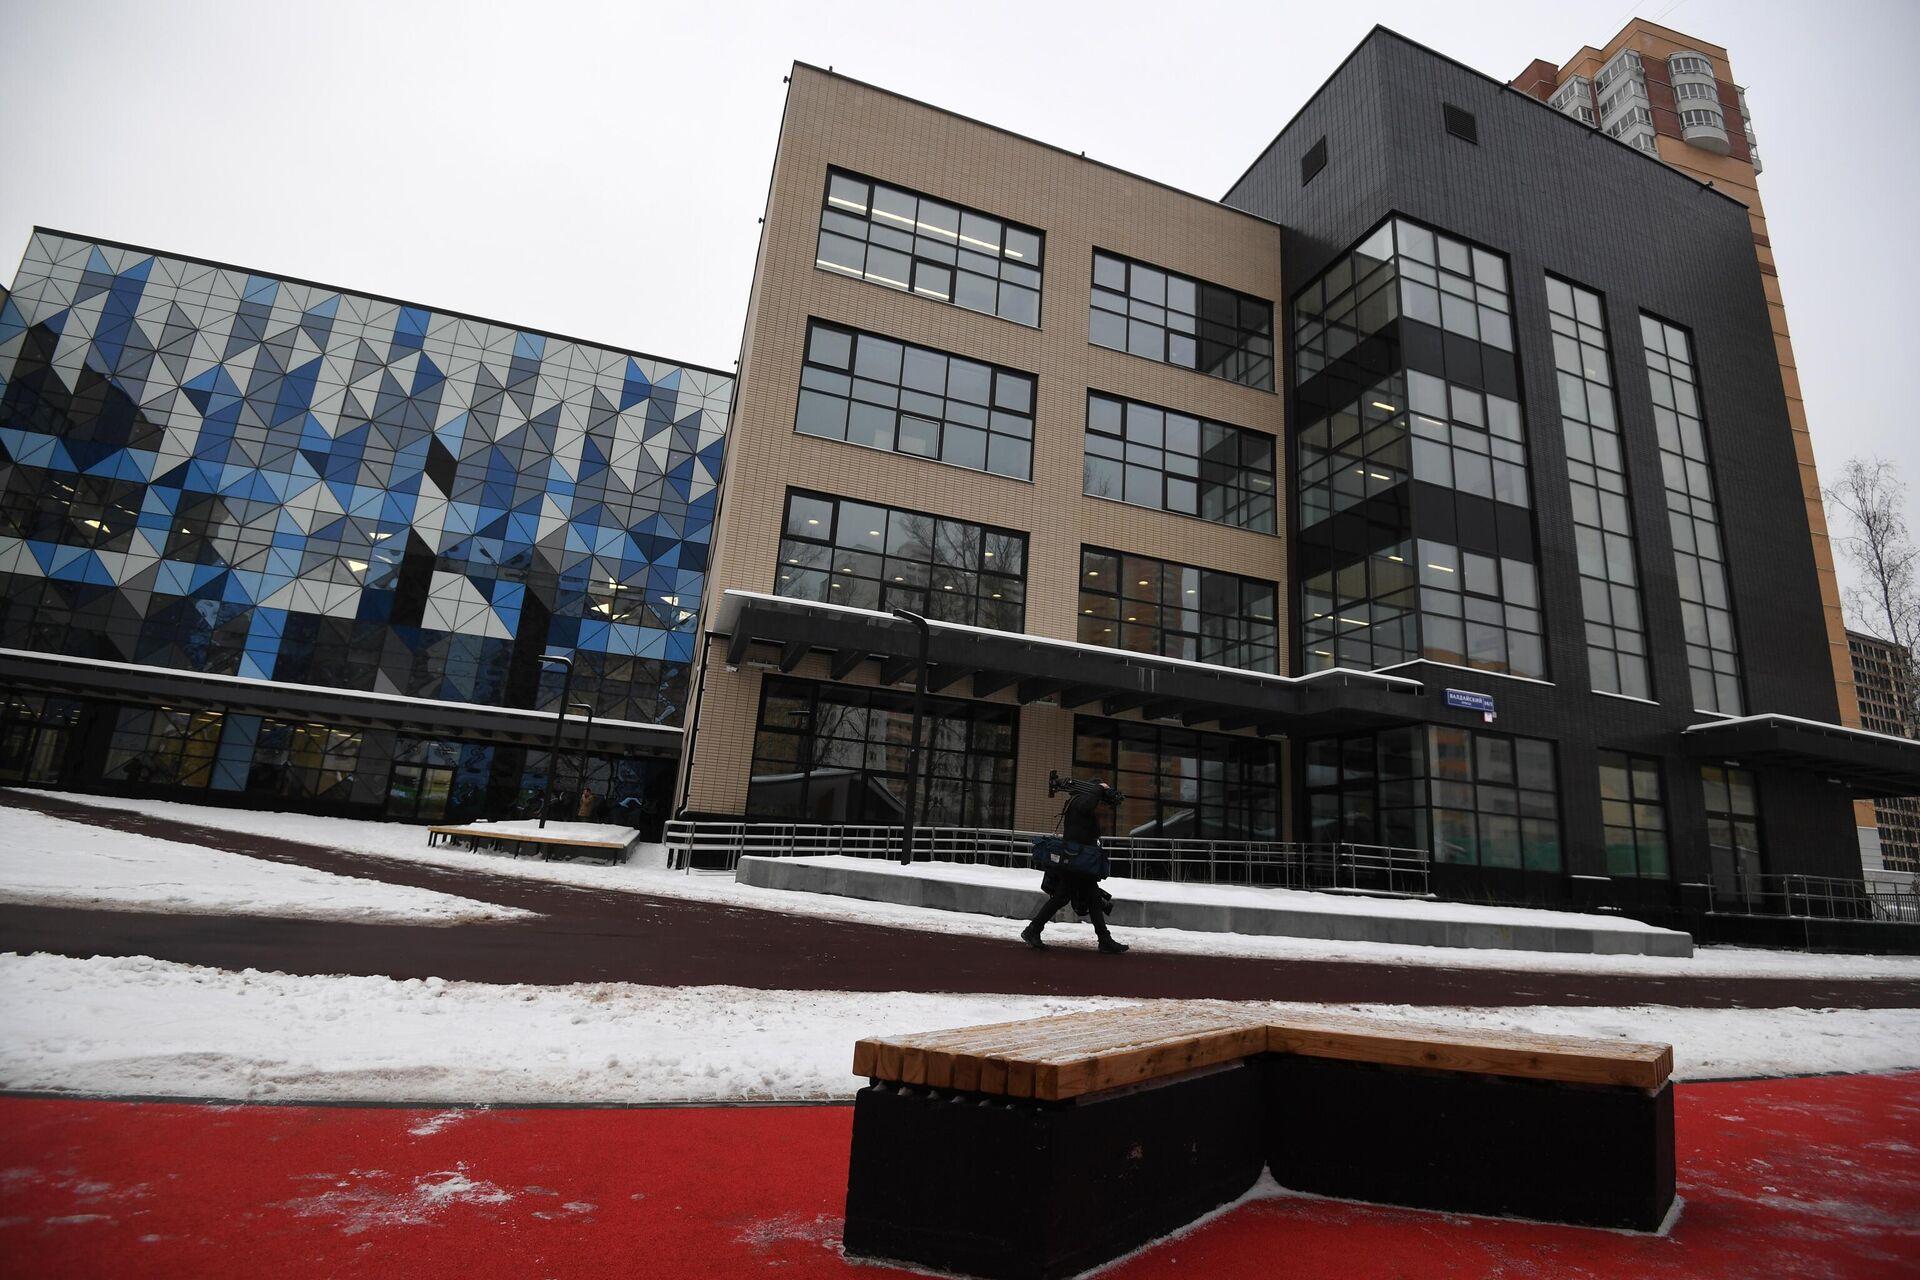 Здание строящейся школы №158 на 1 900 мест в районе Левобережный в Москве - РИА Новости, 1920, 11.01.2021